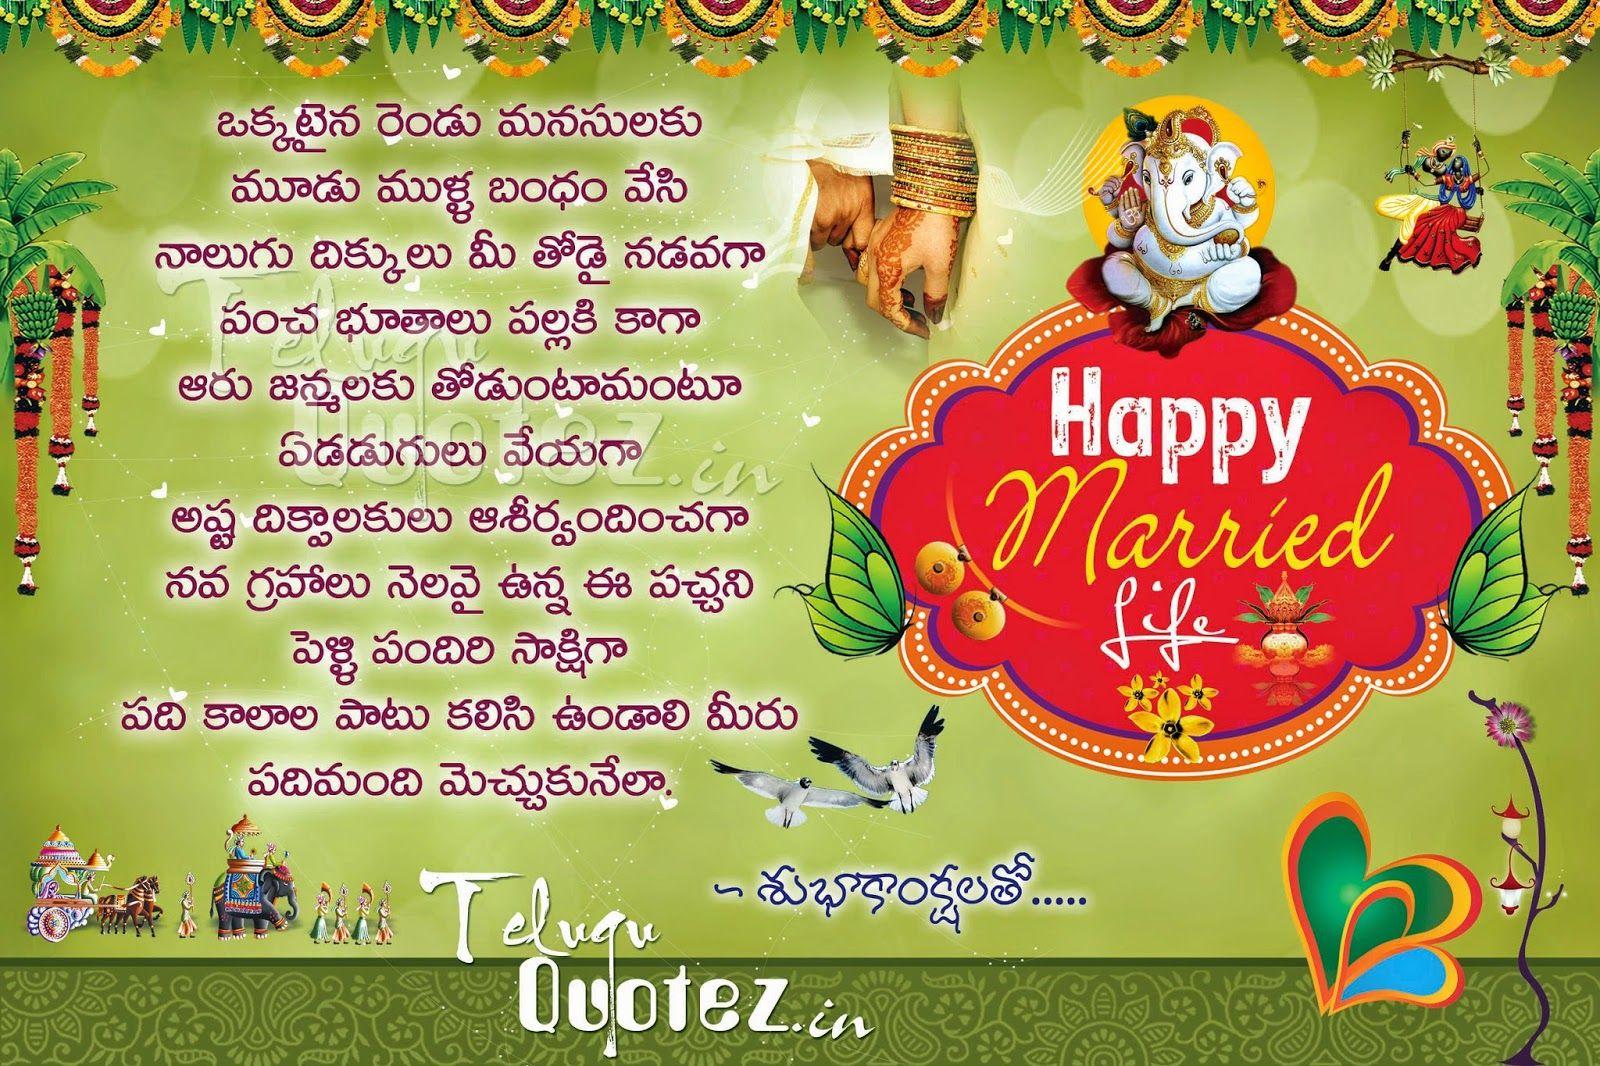 Teluguquotezin Indian Wedding Telugu Wishes For Couples